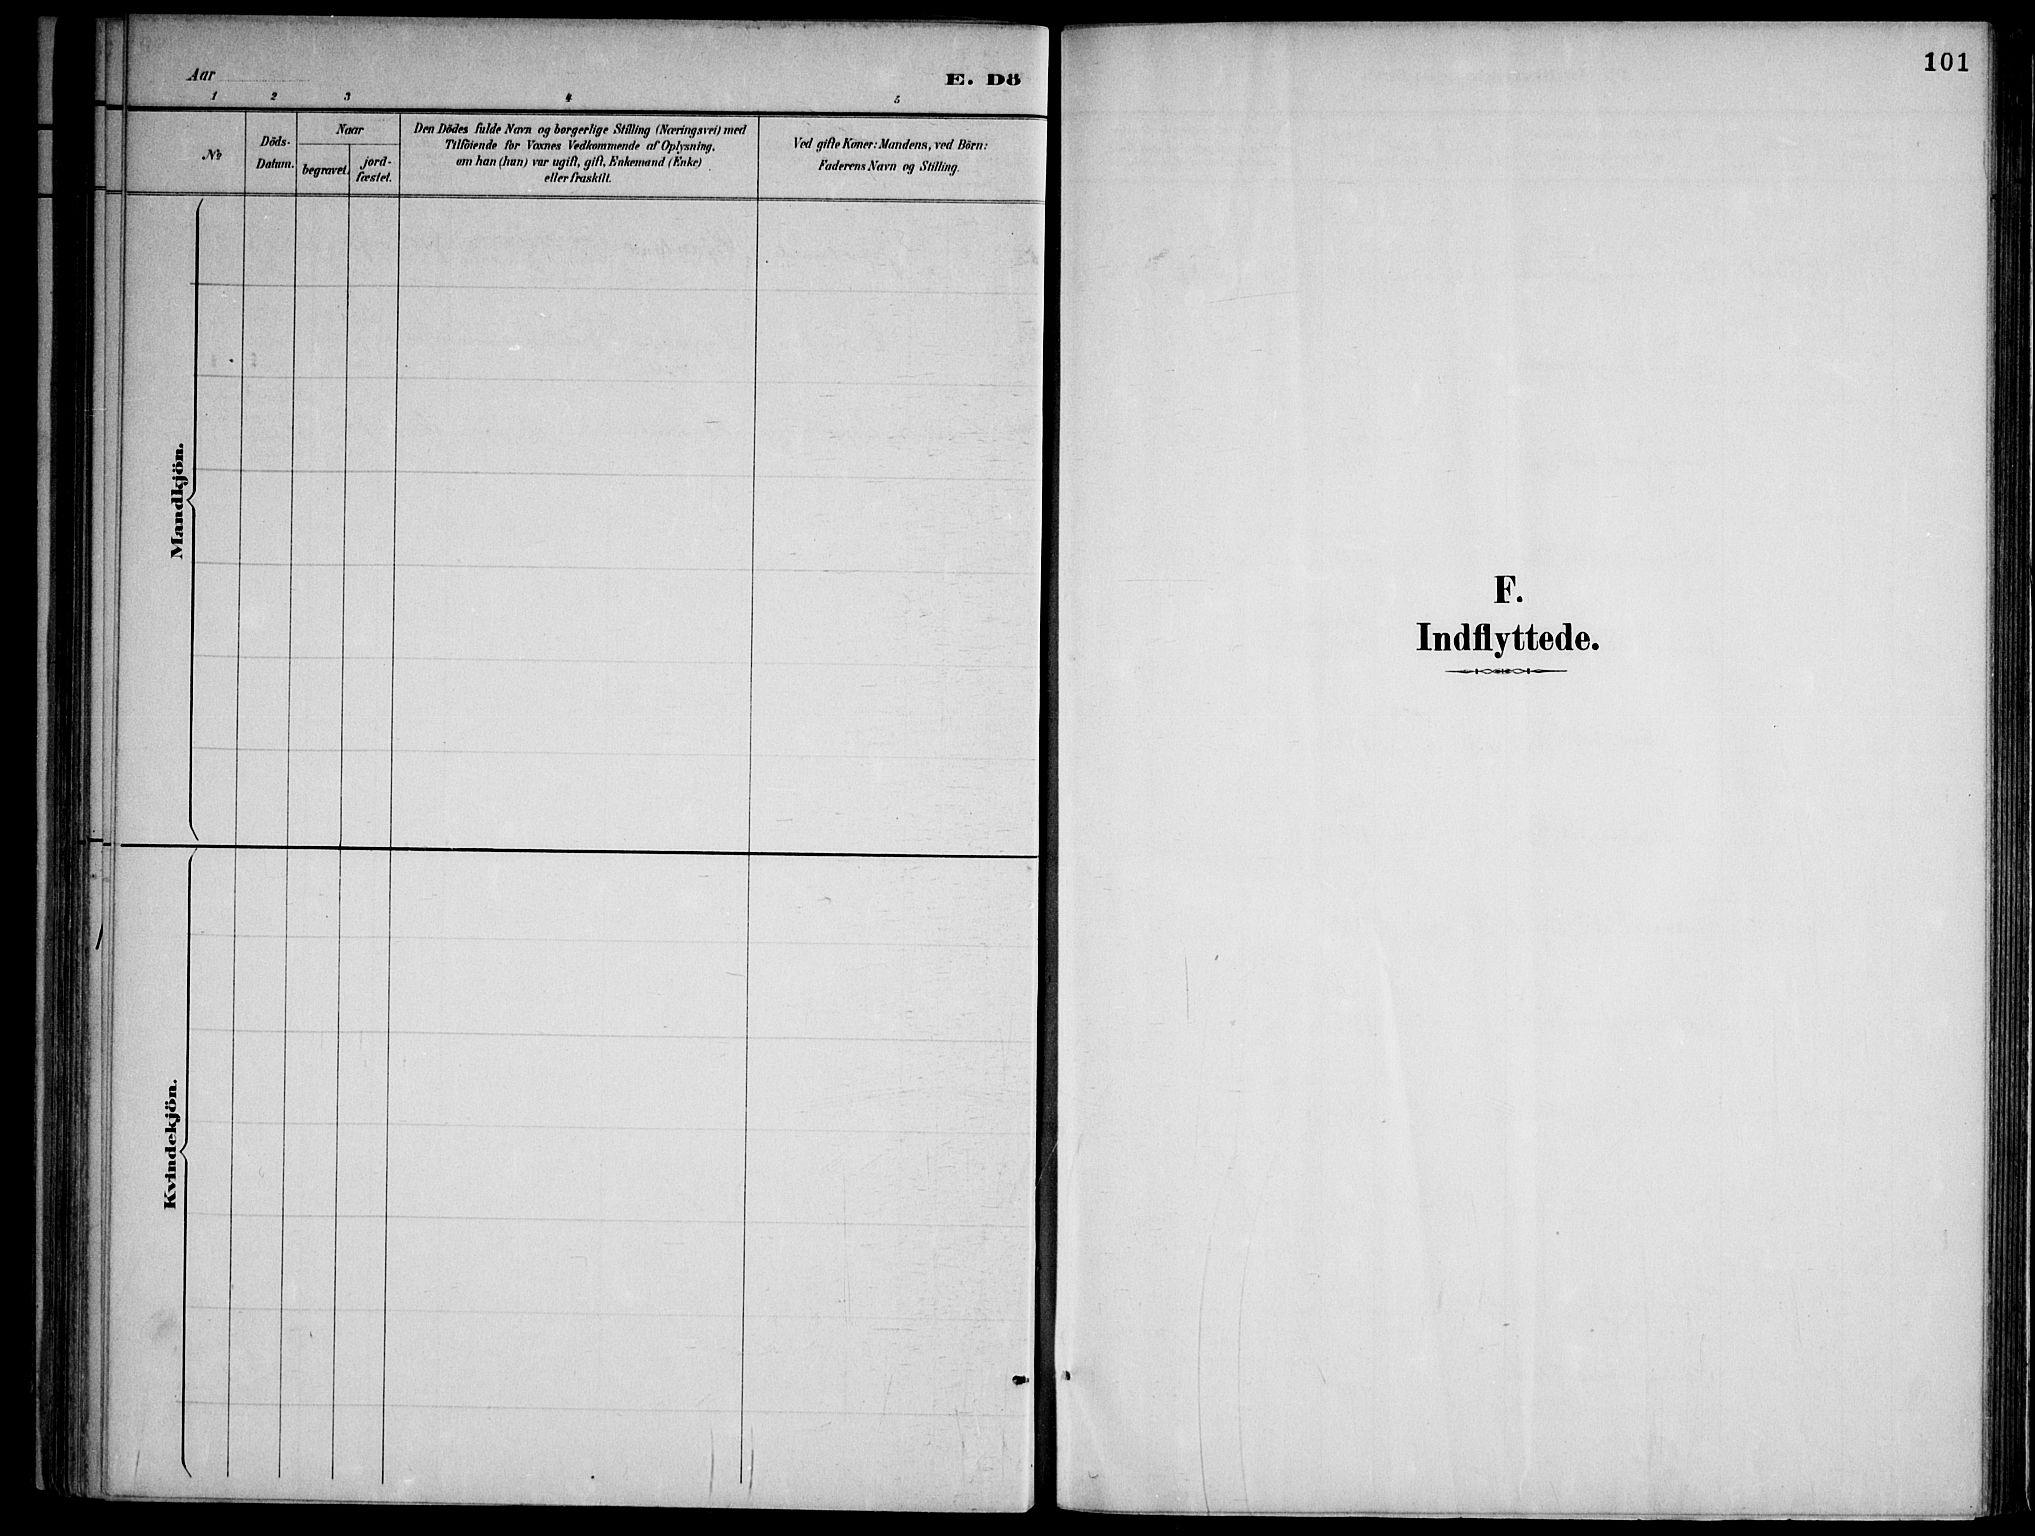 SAKO, Lårdal kirkebøker, F/Fa/L0007: Ministerialbok nr. I 7, 1887-1906, s. 101